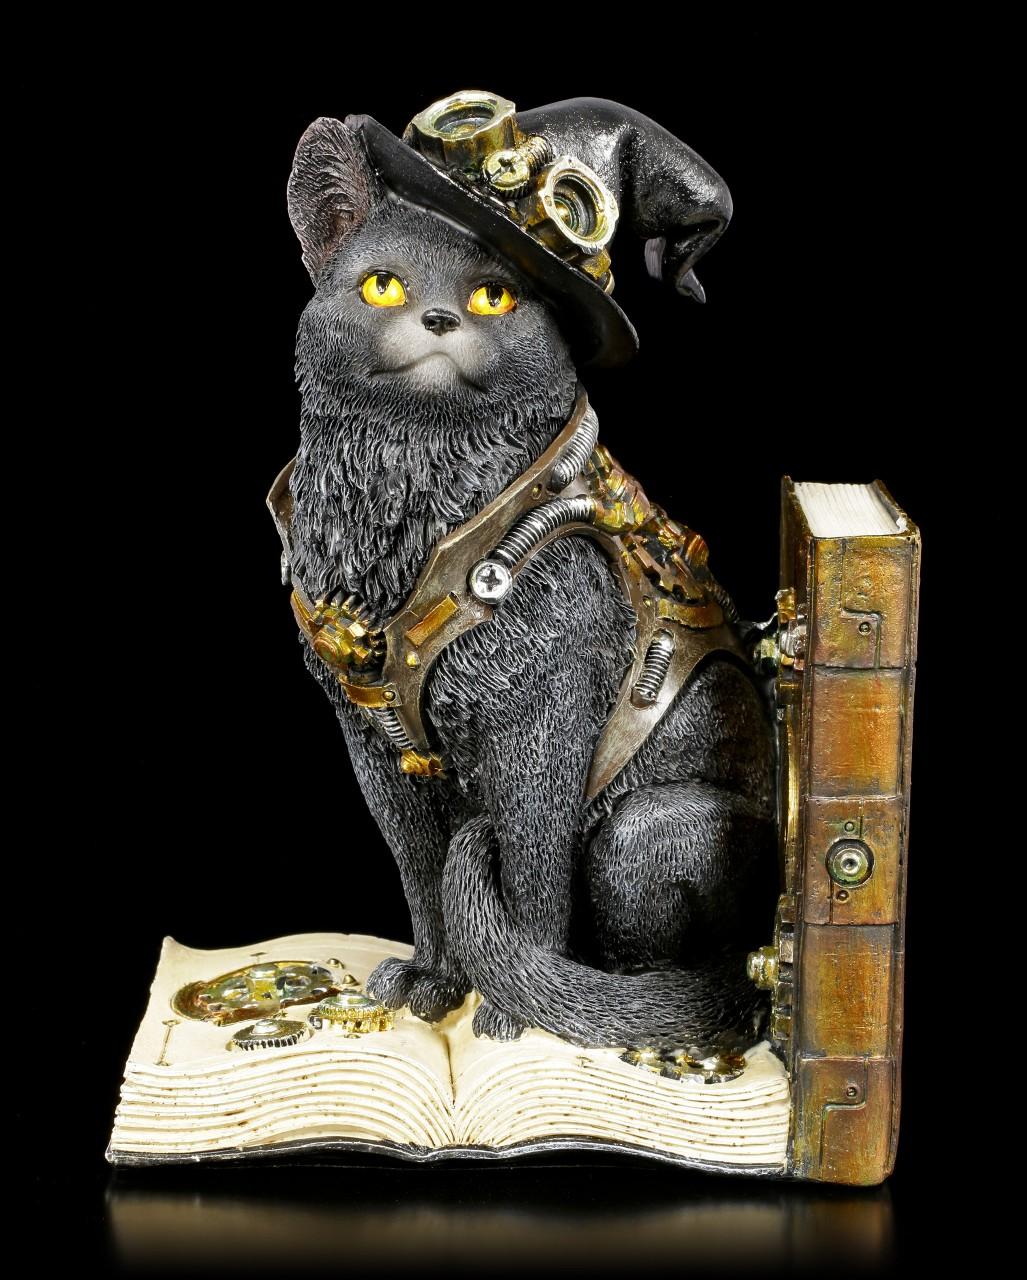 Buchstütze Steampunk Katze - Purring Pioneer